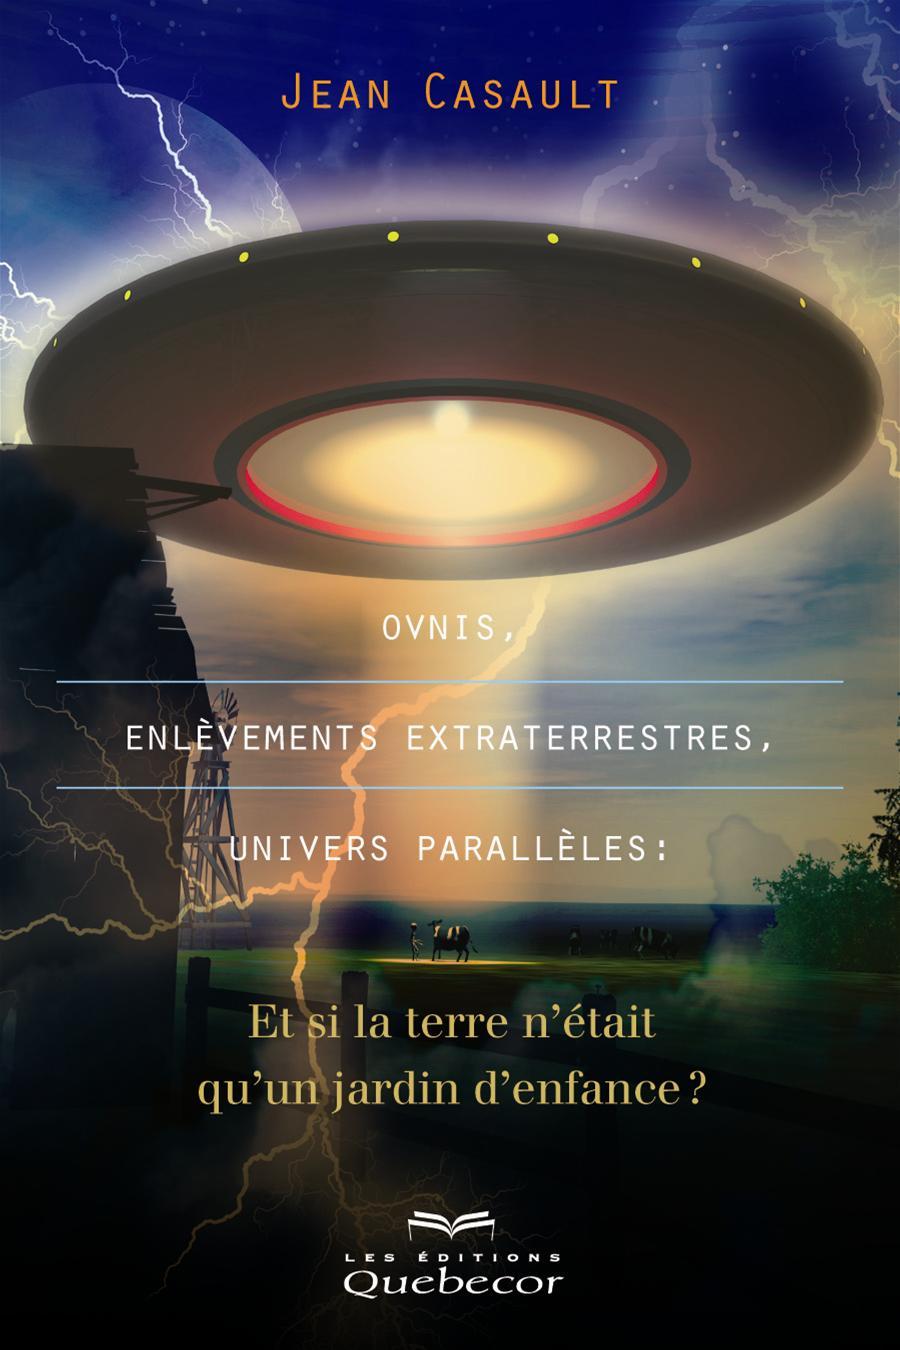 Ovnis, enlèvements extraterrestres et univers parrallèles